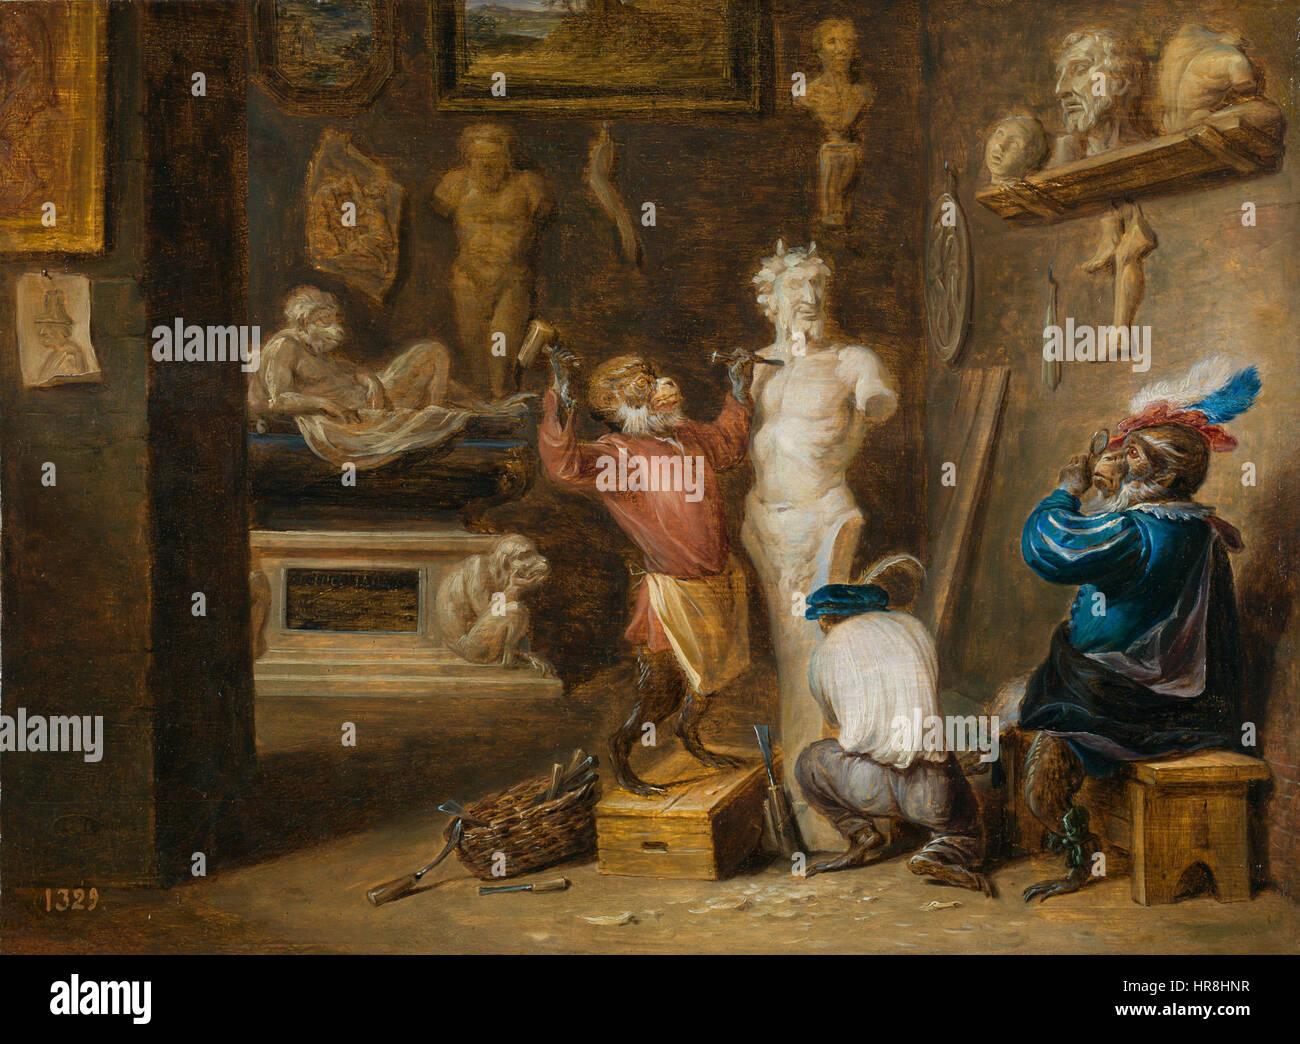 Teniers-mono escultor - Stock Image